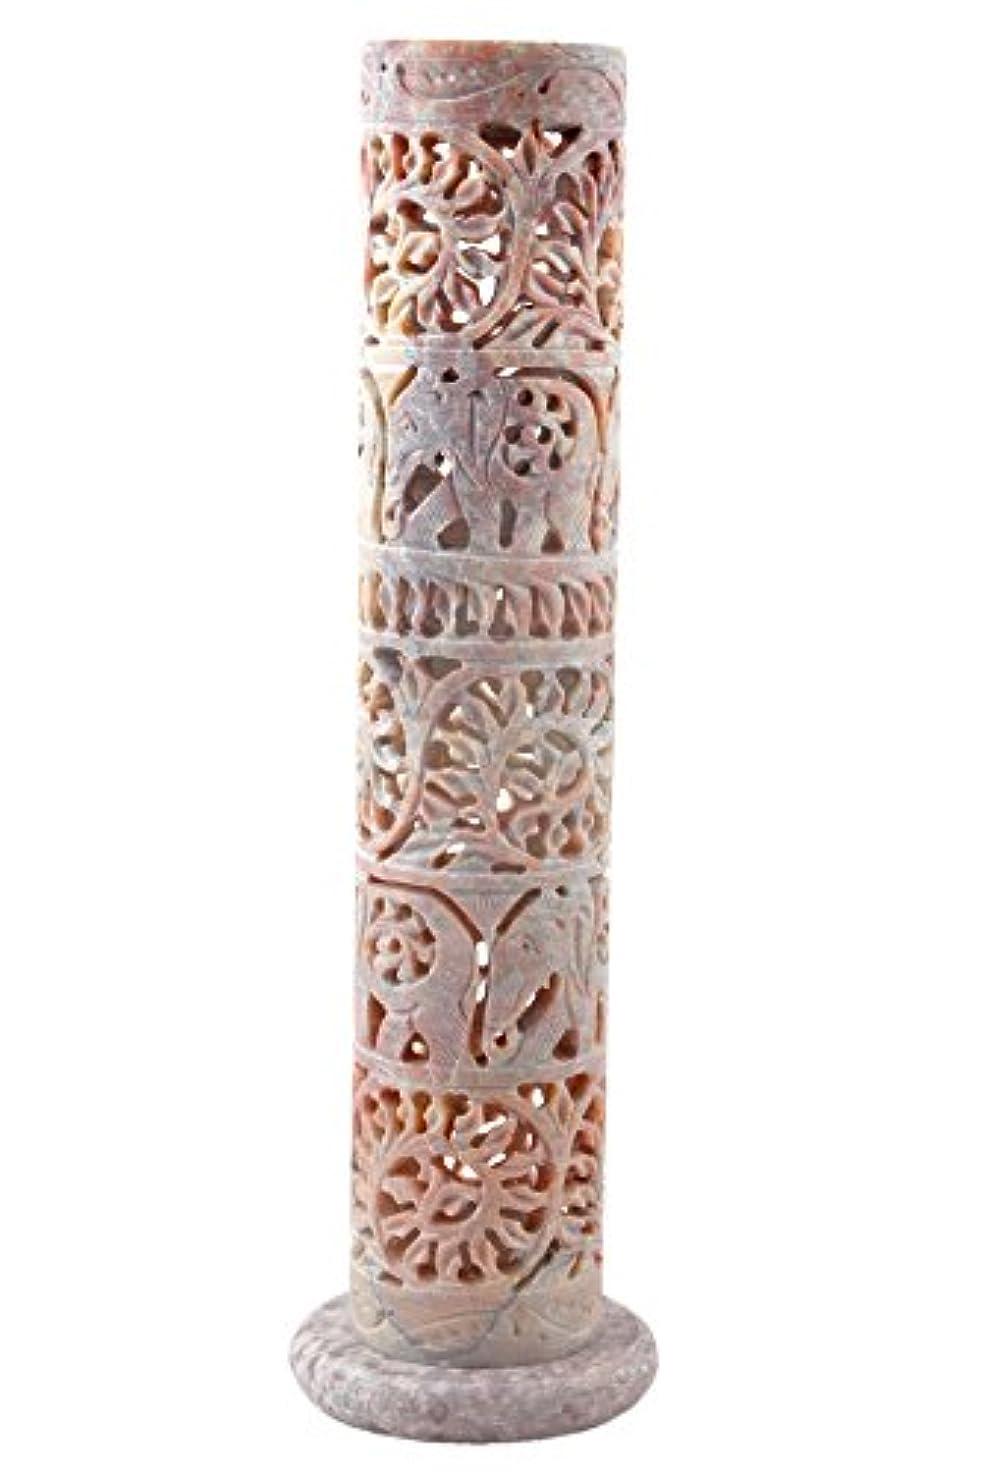 挑む副異なるHashcart 装飾的な花と象のハンド彫刻 ソープストーン お香スティック ホルダー 10.6インチ 自宅のインテリア/ギフトに